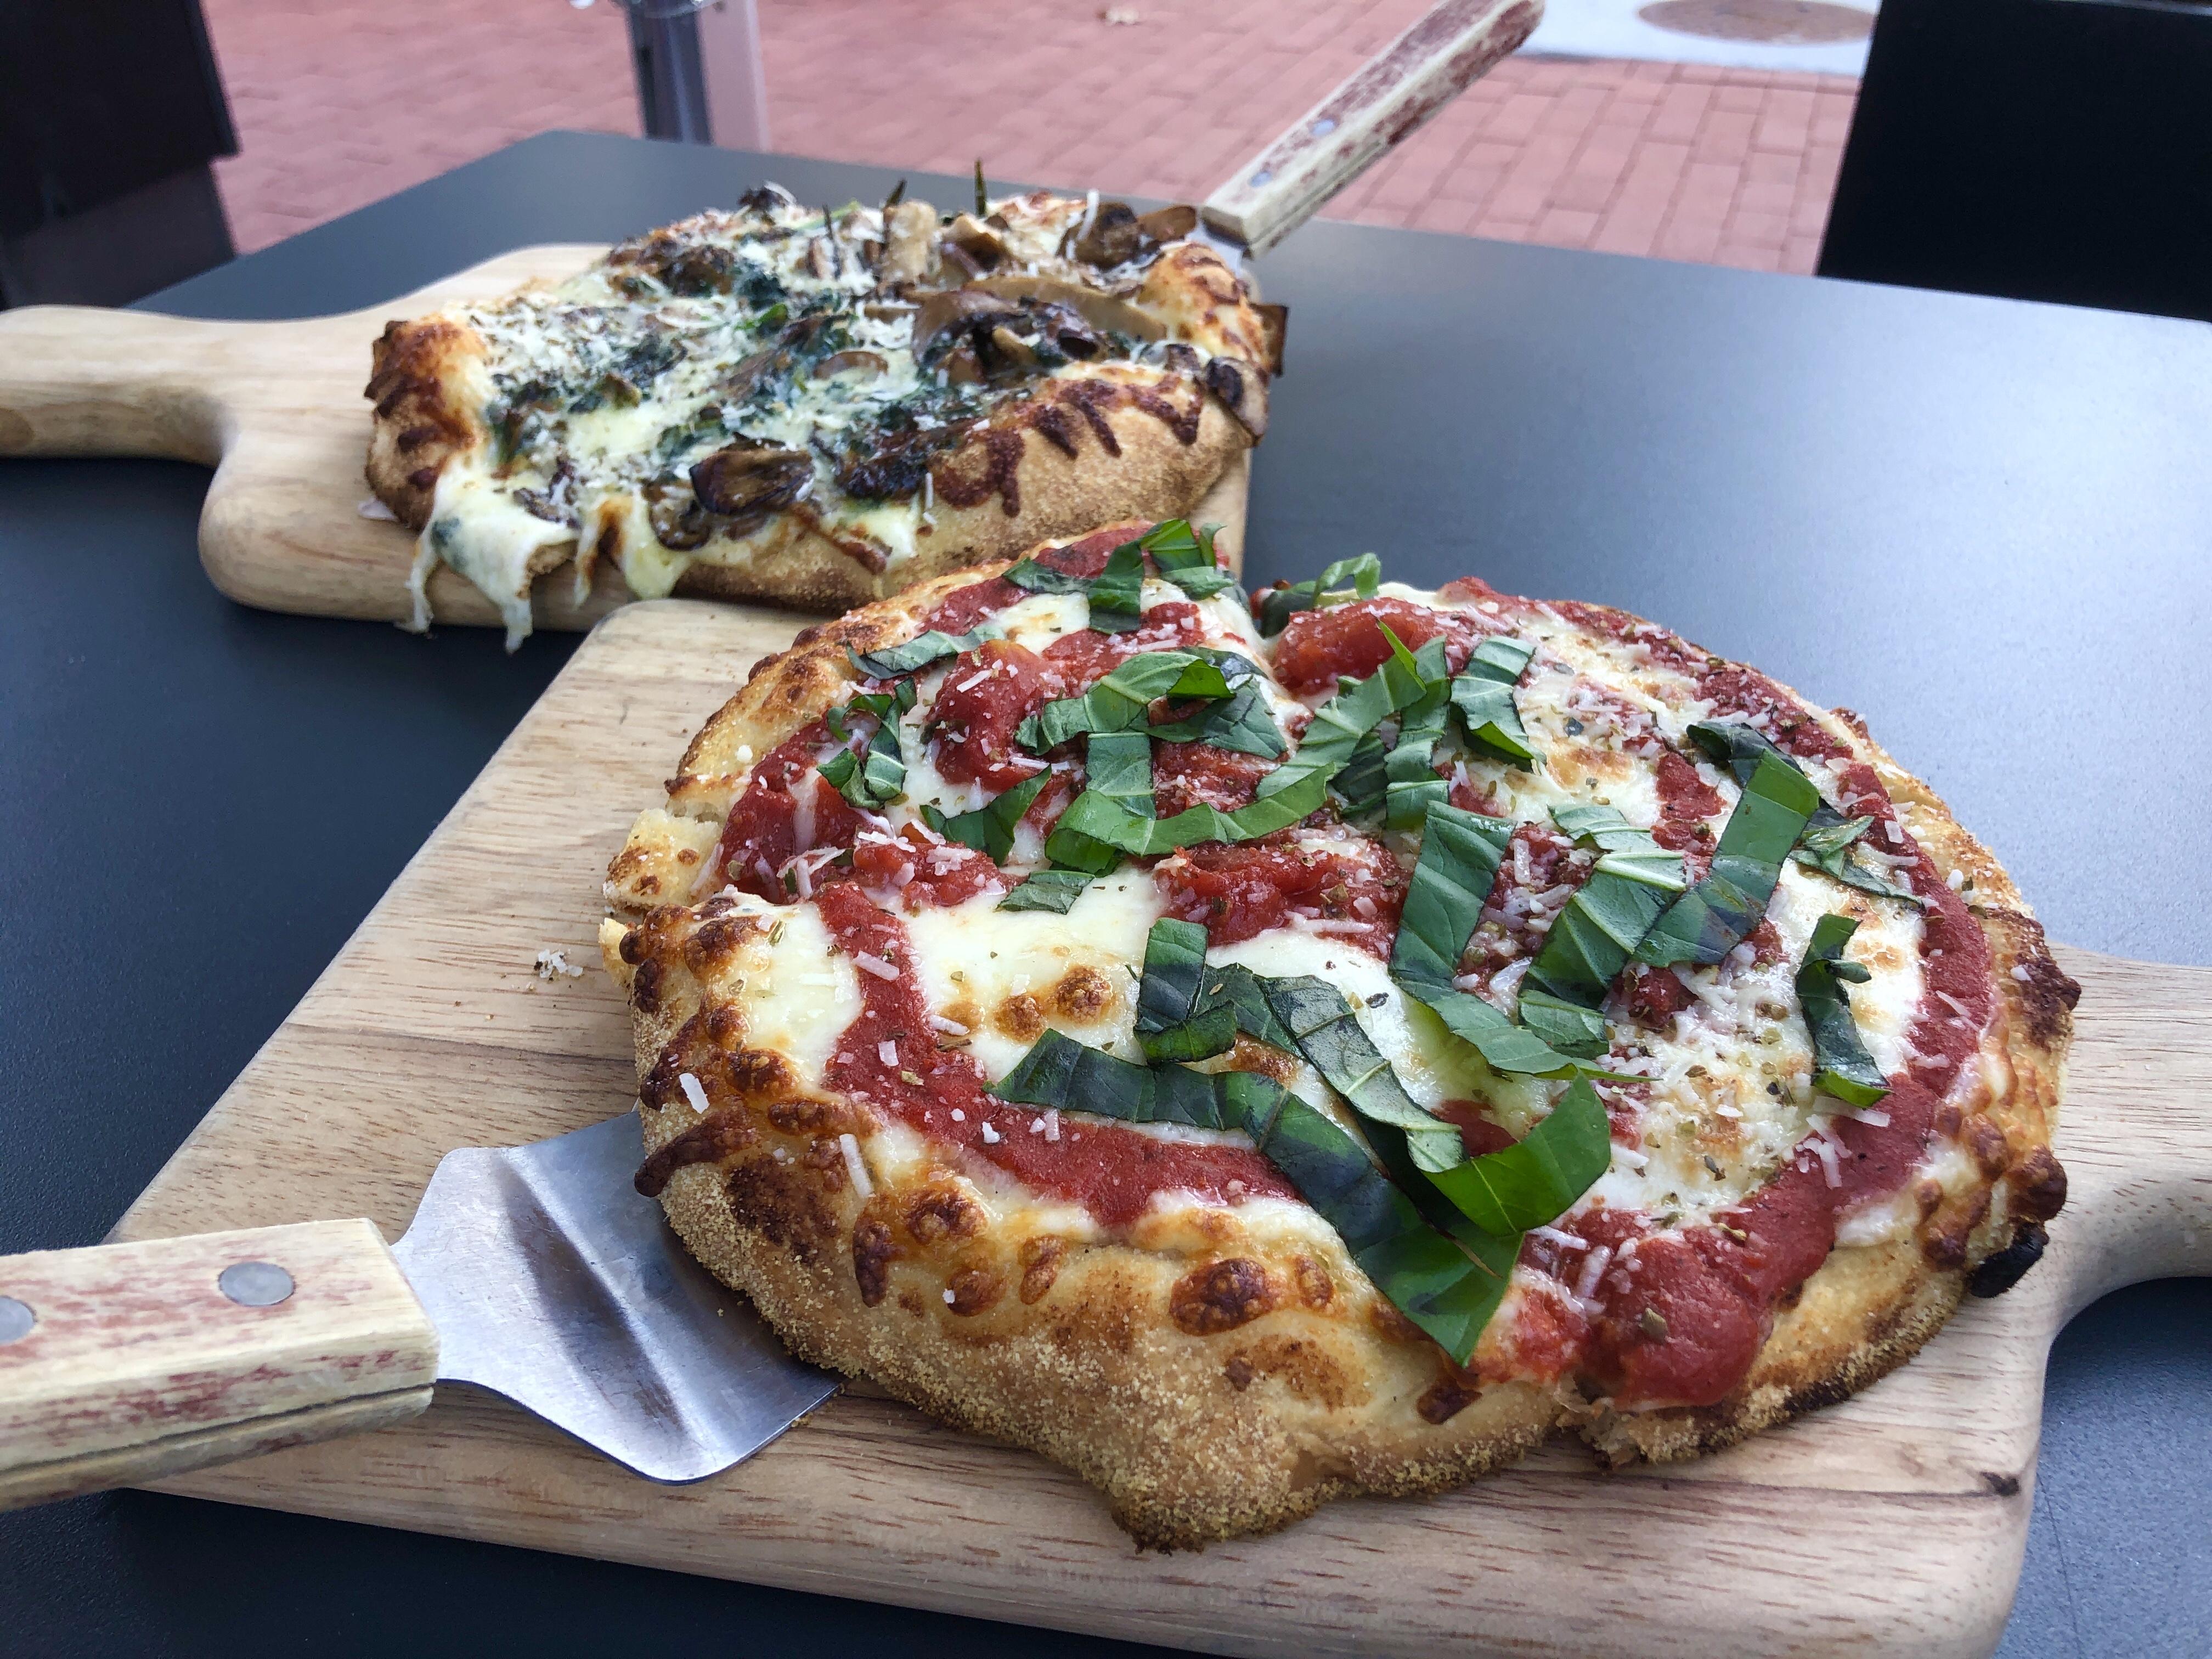 Funghi pizza and the Classica pizza at Nicoletta Italian Kitchen in Washington DC